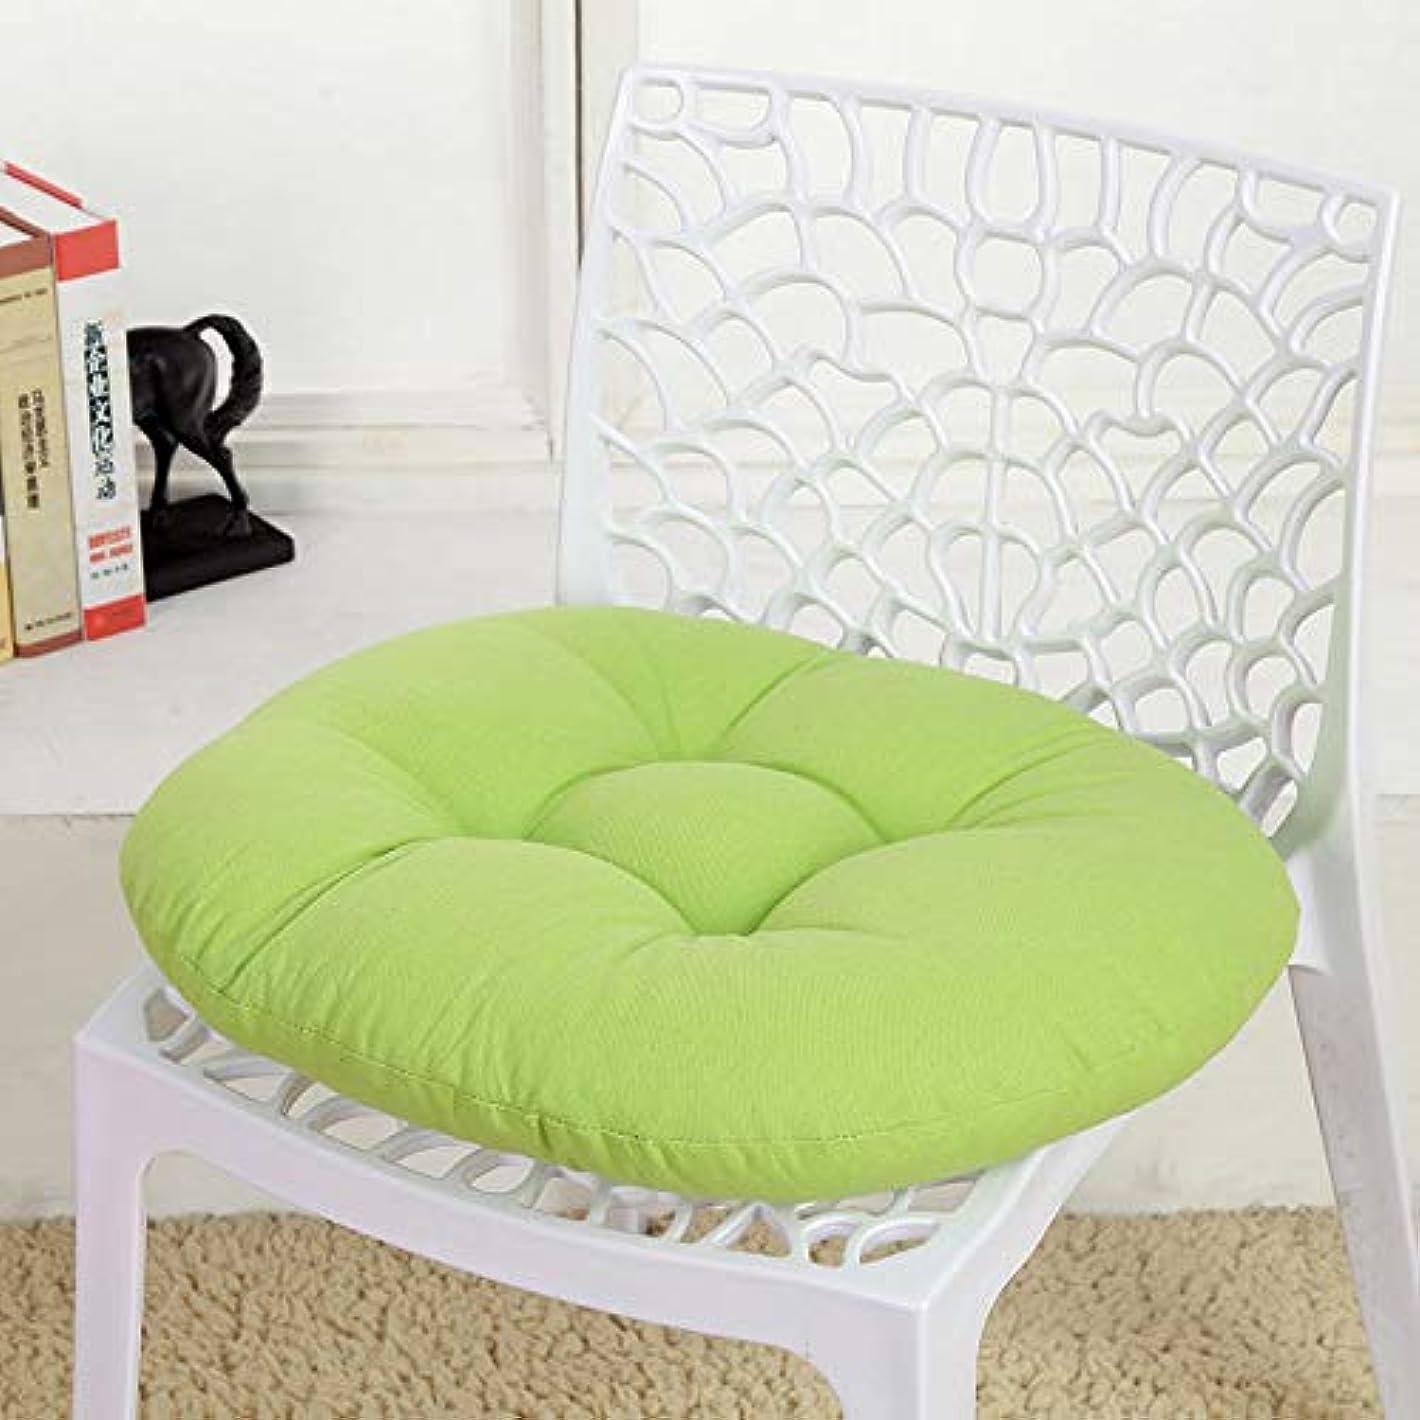 舌な瞑想する日常的にSMART キャンディカラーのクッションラウンドシートクッション波ウィンドウシートクッションクッション家の装飾パッドラウンド枕シート枕椅子座る枕 クッション 椅子